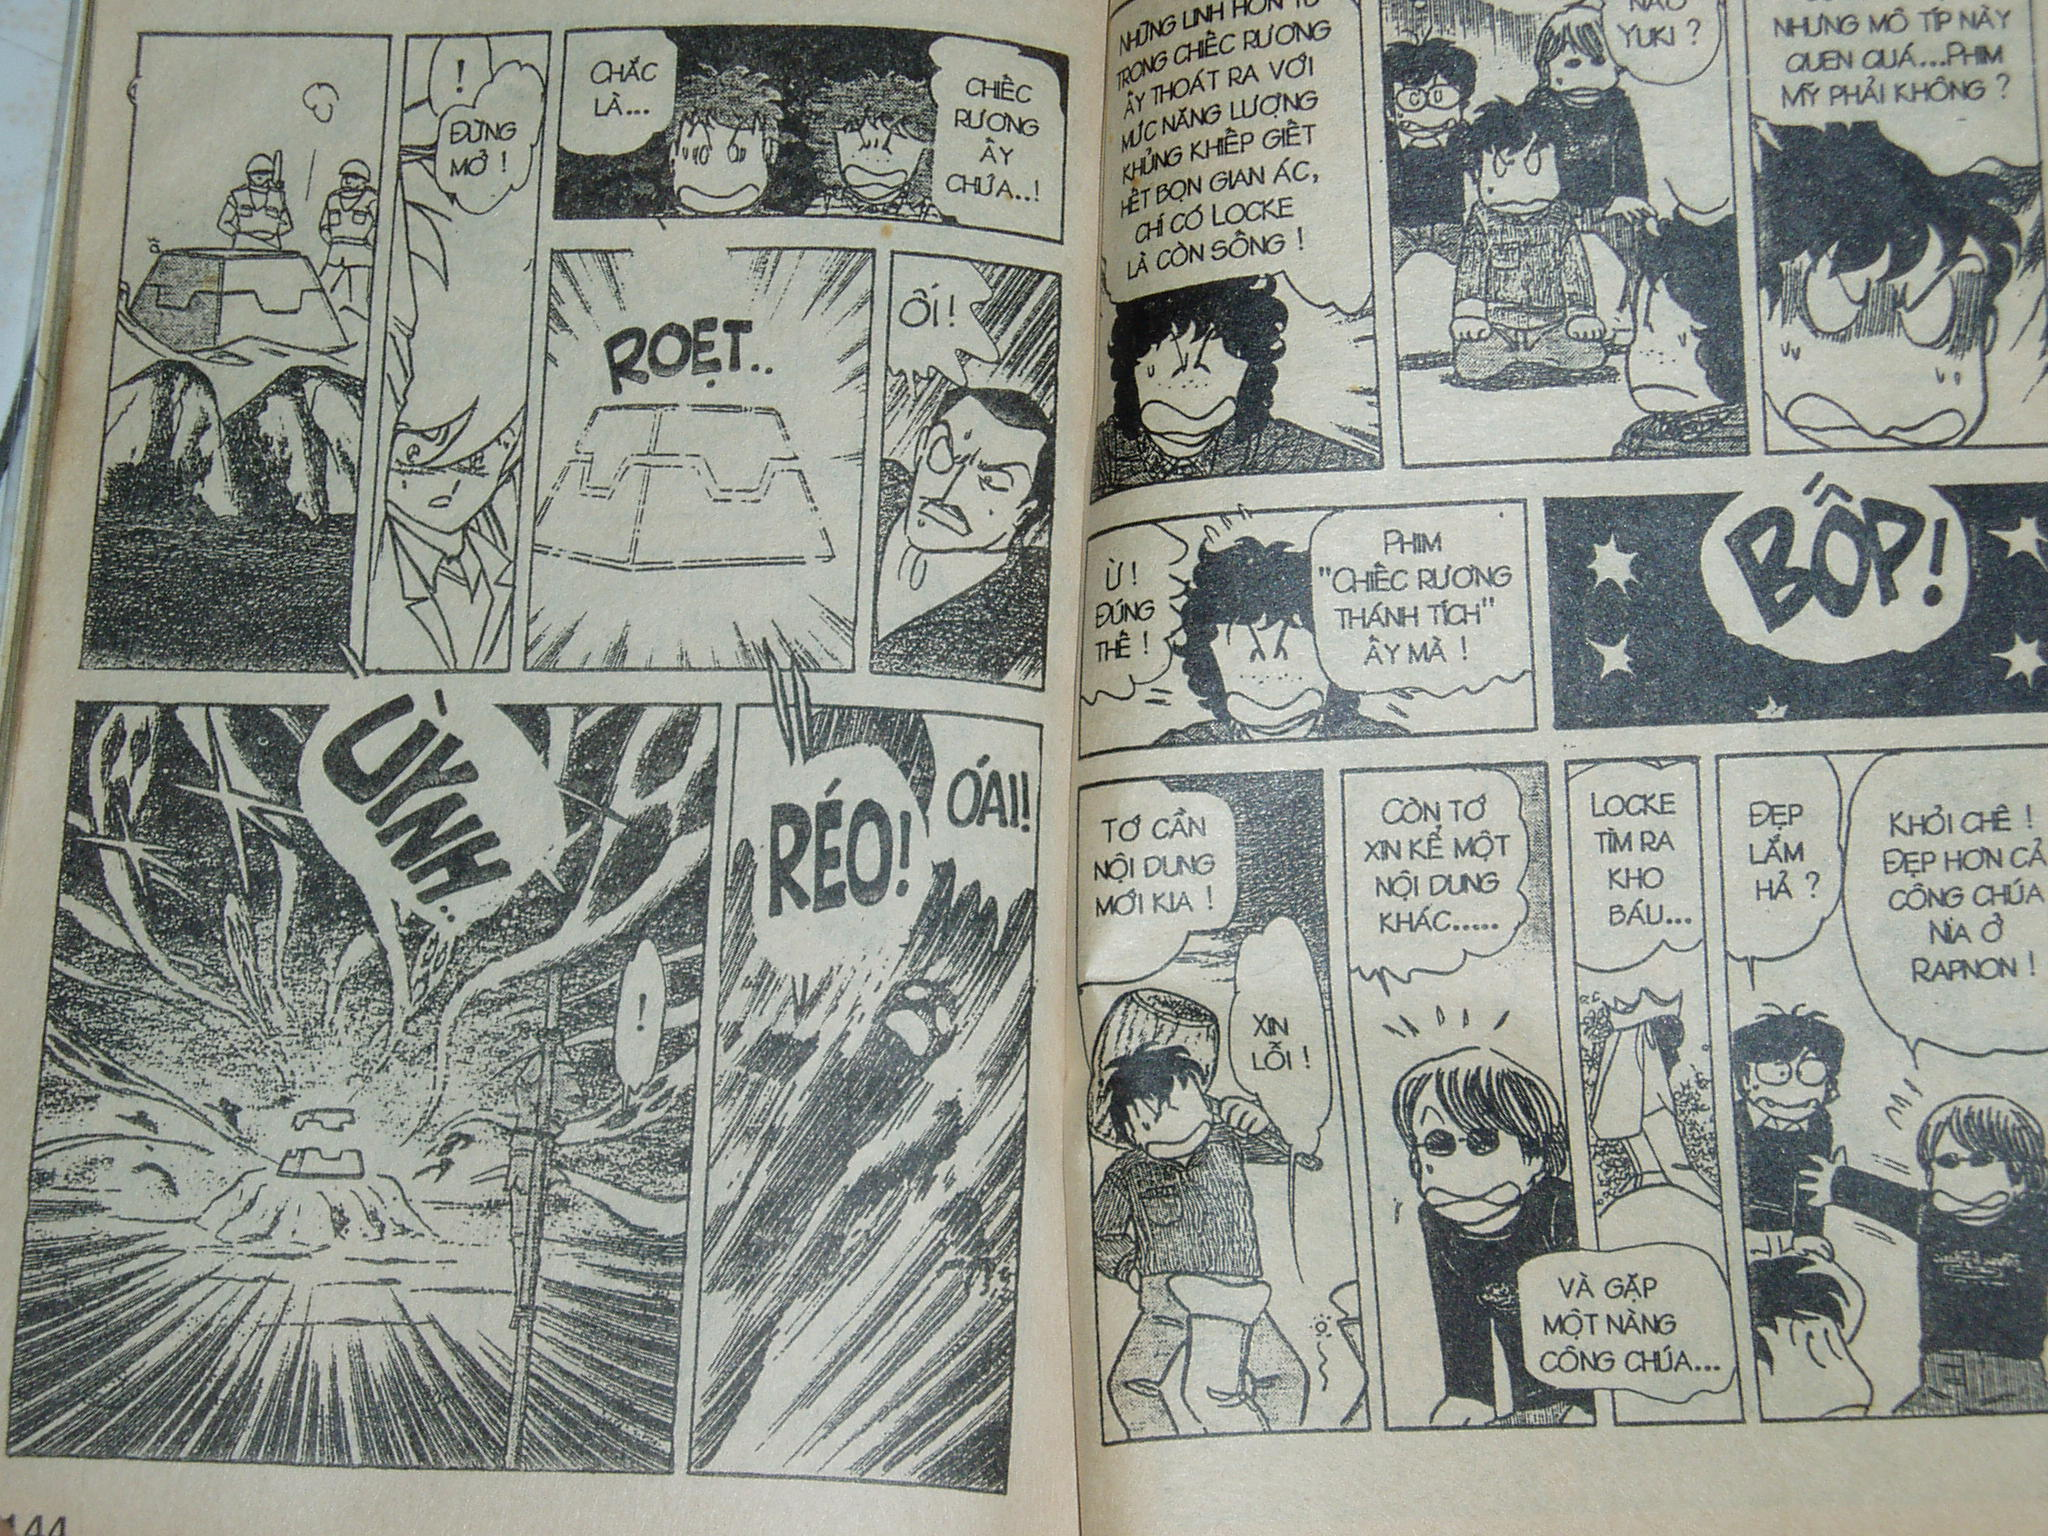 Siêu nhân Locke vol 18 trang 71